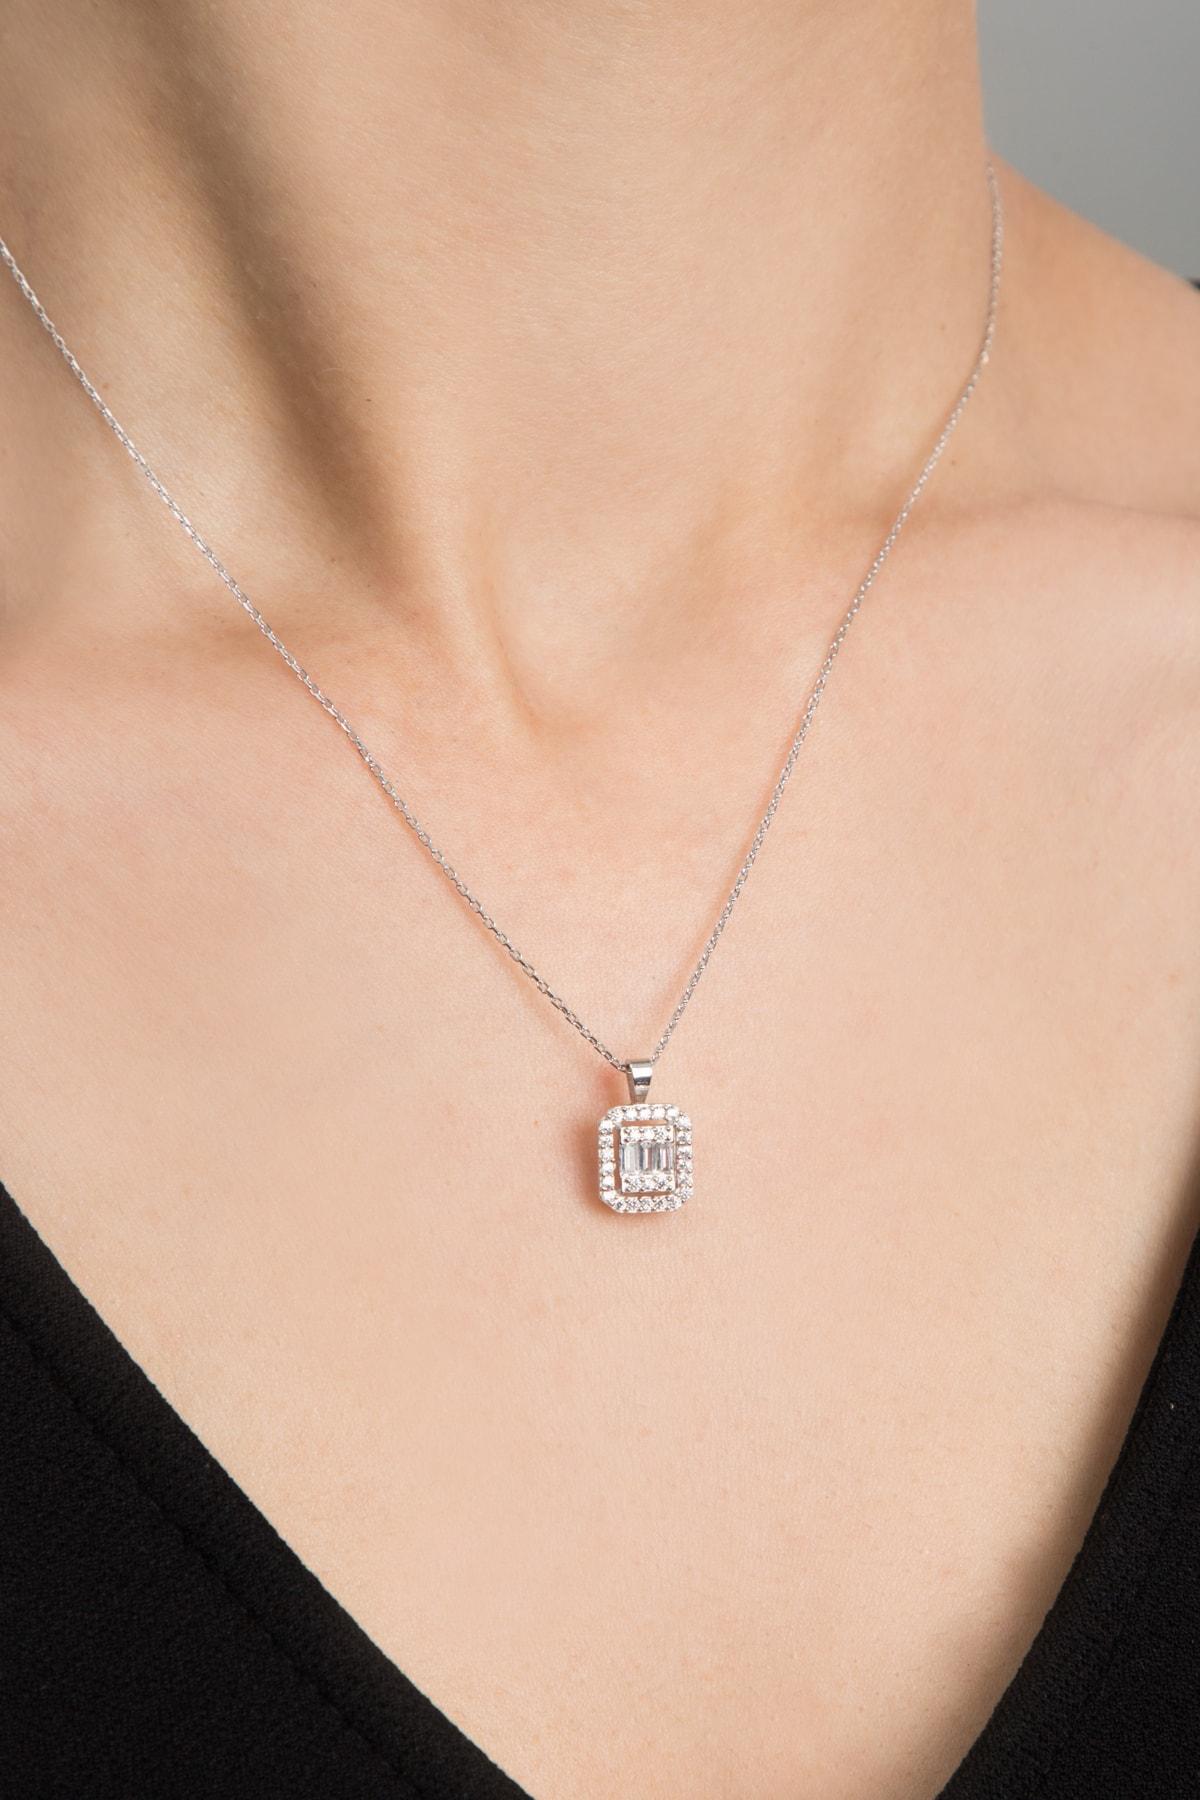 Elika Silver Kadın Baget Model 925 Ayar Gümüş Kolye 2